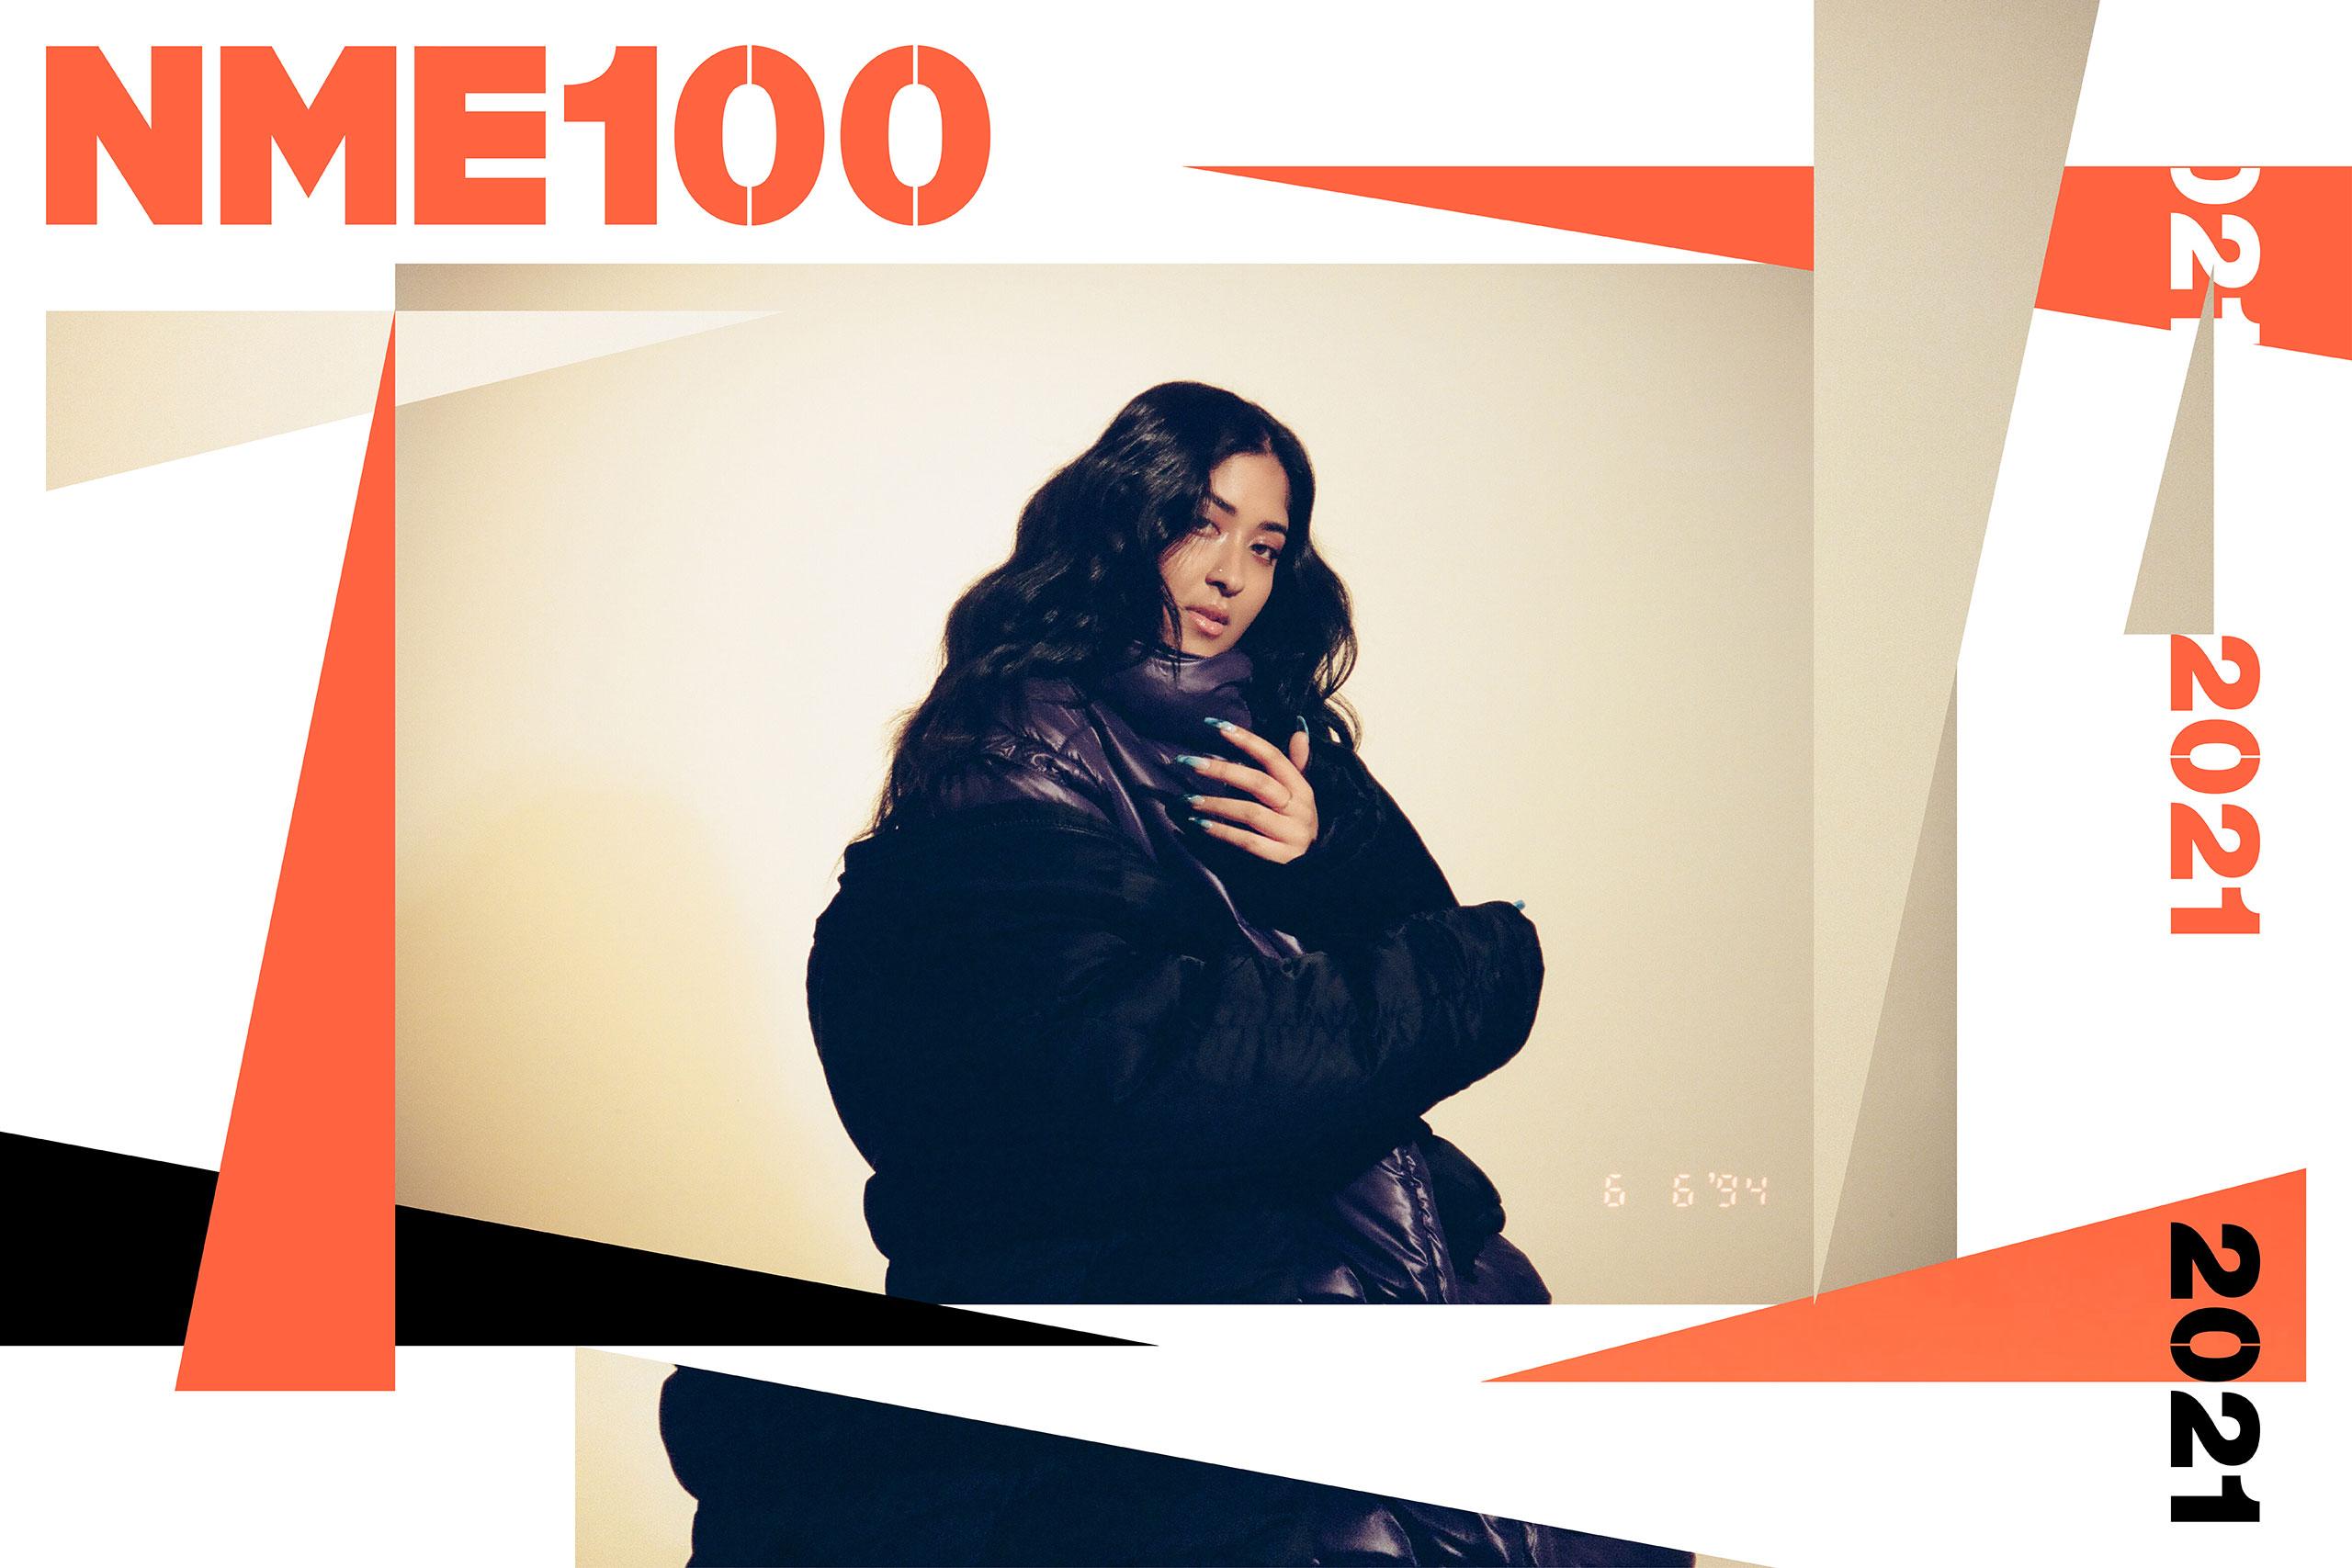 NME 100 ashwarya